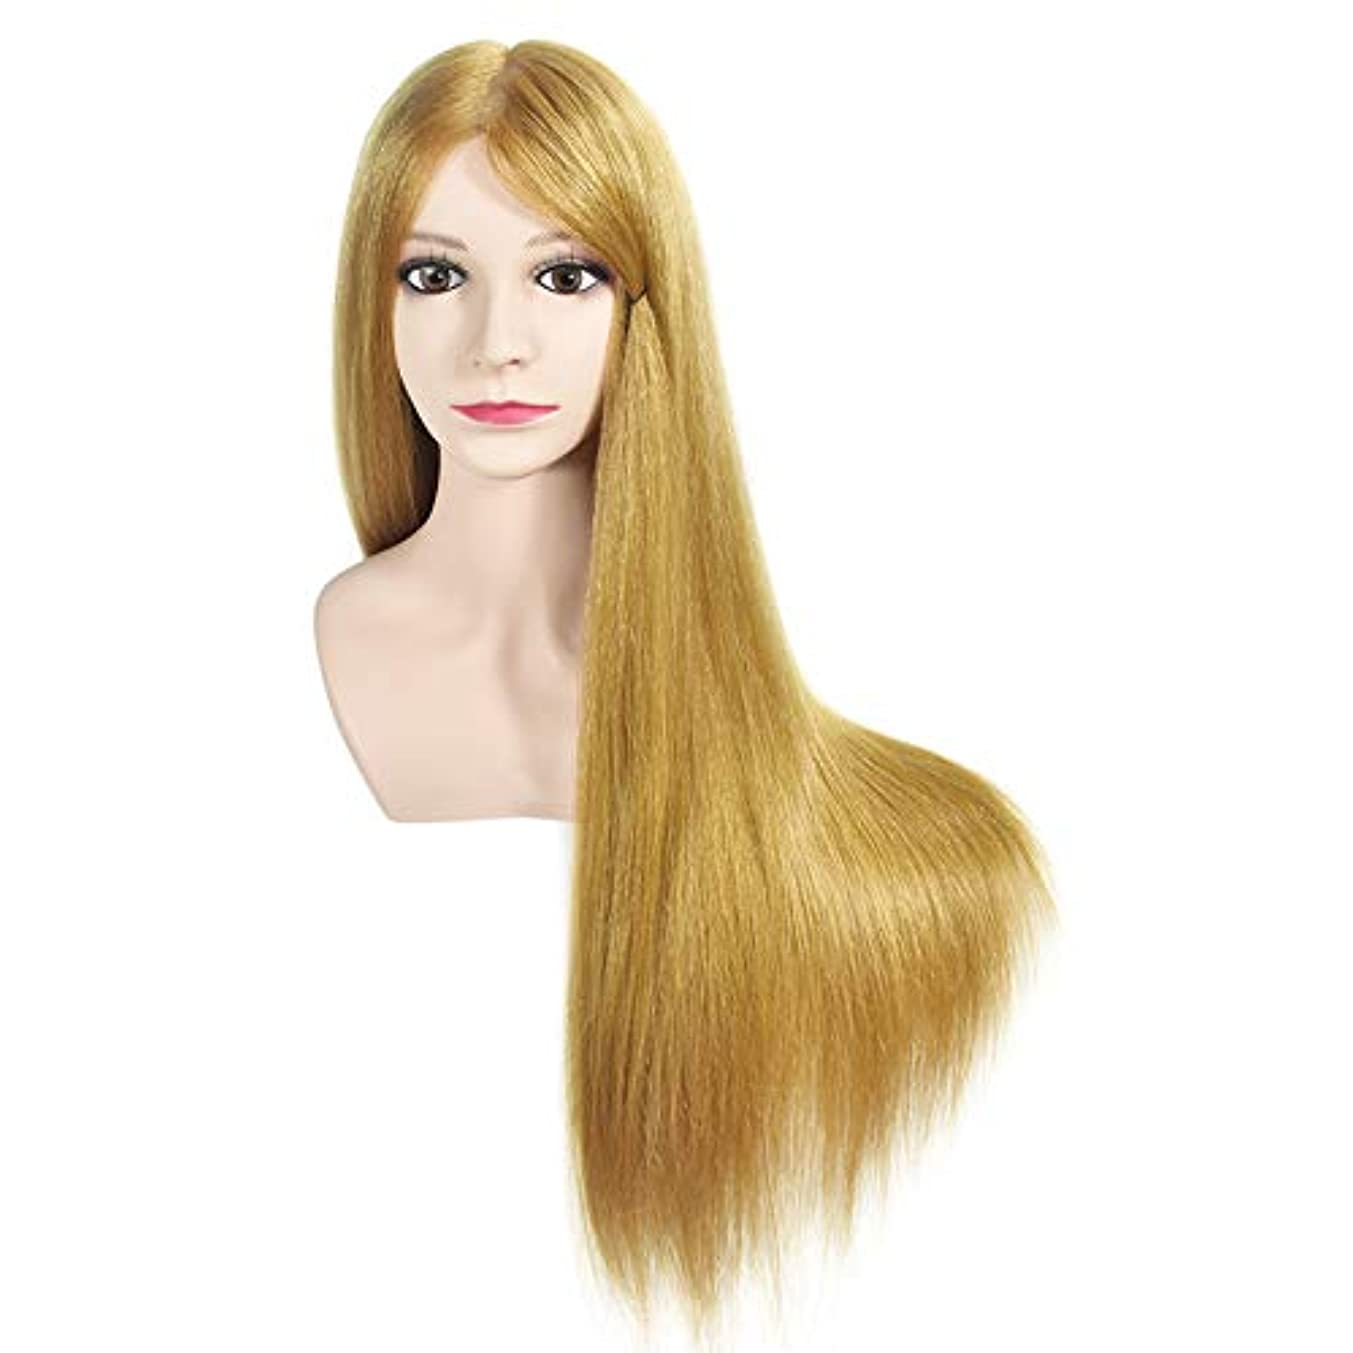 ルビーなだめるイベントサロンヘアブレイド理髪指導ヘッドスタイリング散髪ダミーヘッド化粧学習ショルダーマネキンヘッド